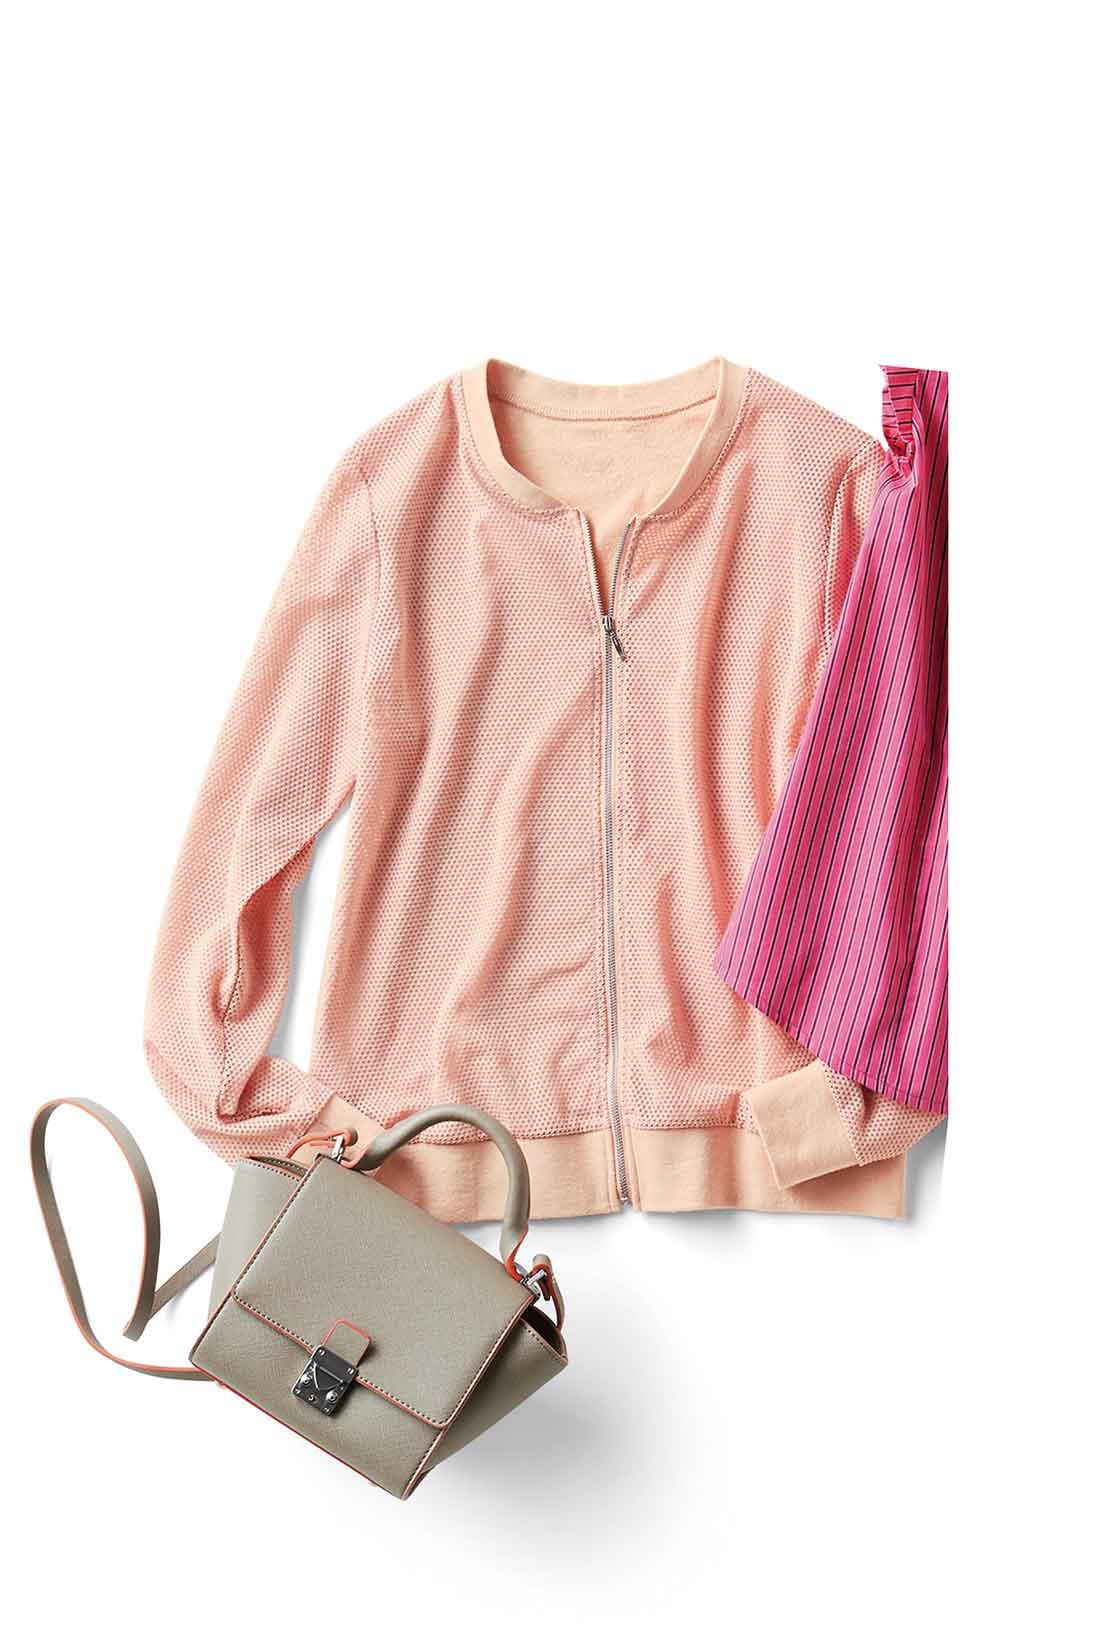 ジップアップブルゾンはミモレ丈スカートにサンダルを合わせて今っぽく着こなすスタイルがおすすめ。※バッグは参考商品です。